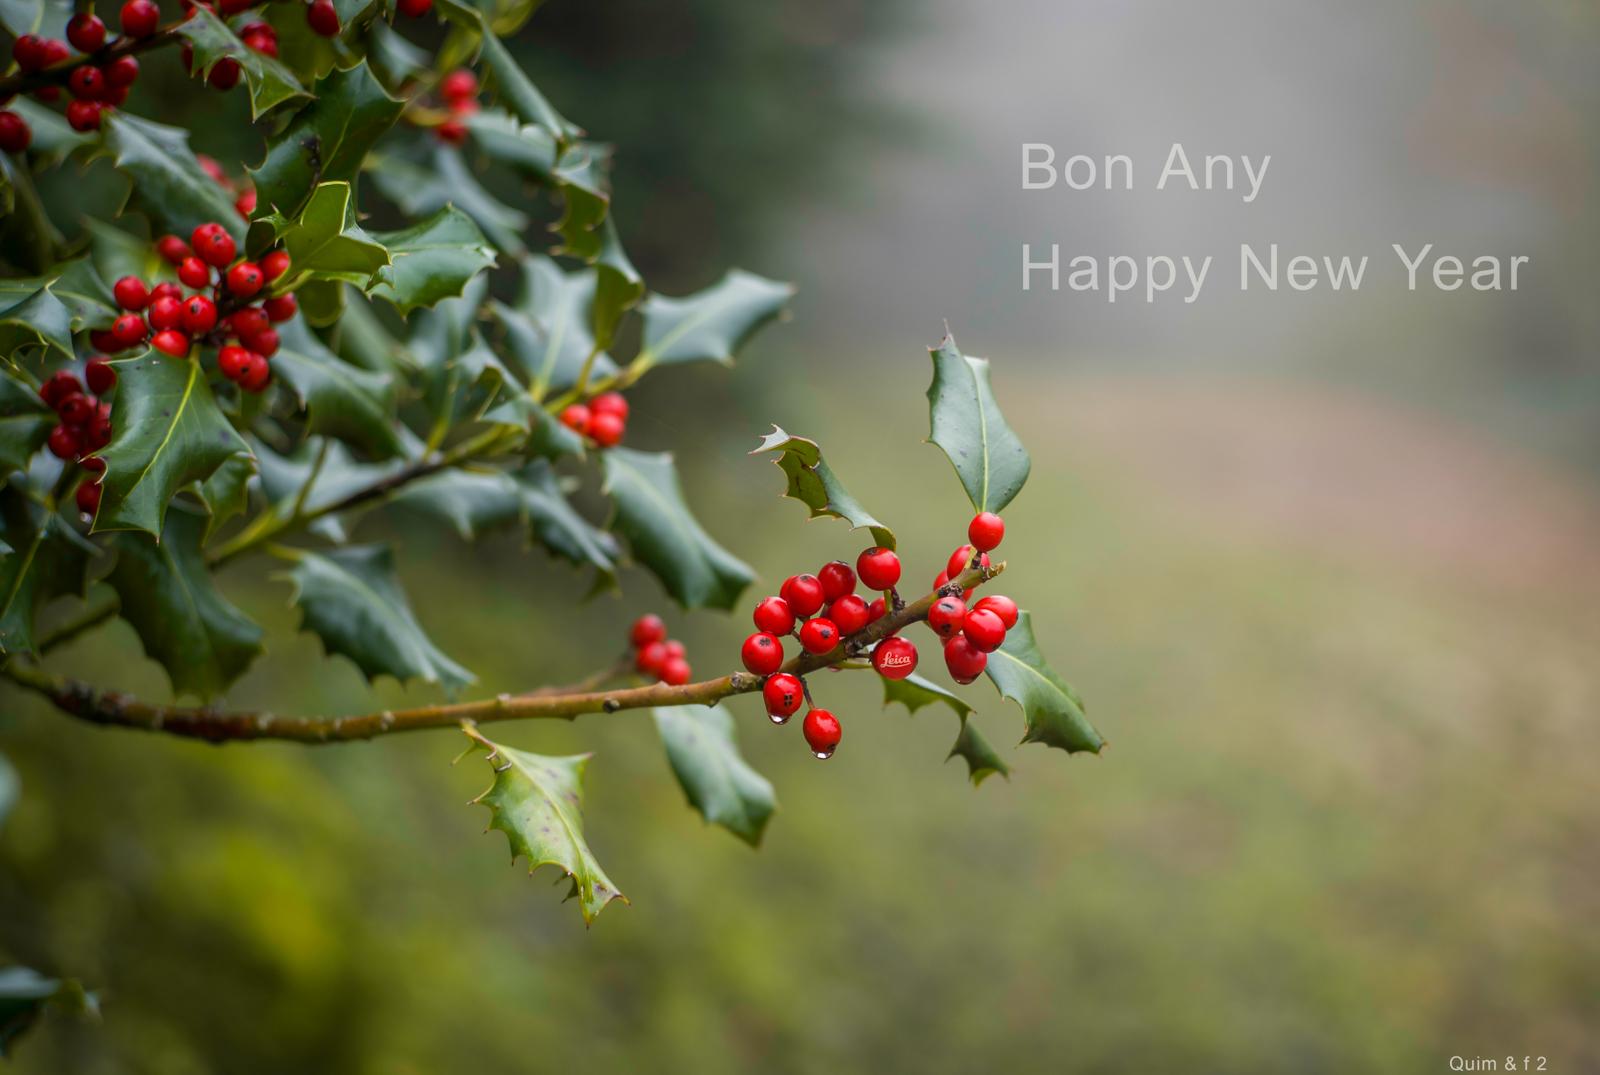 Bon any